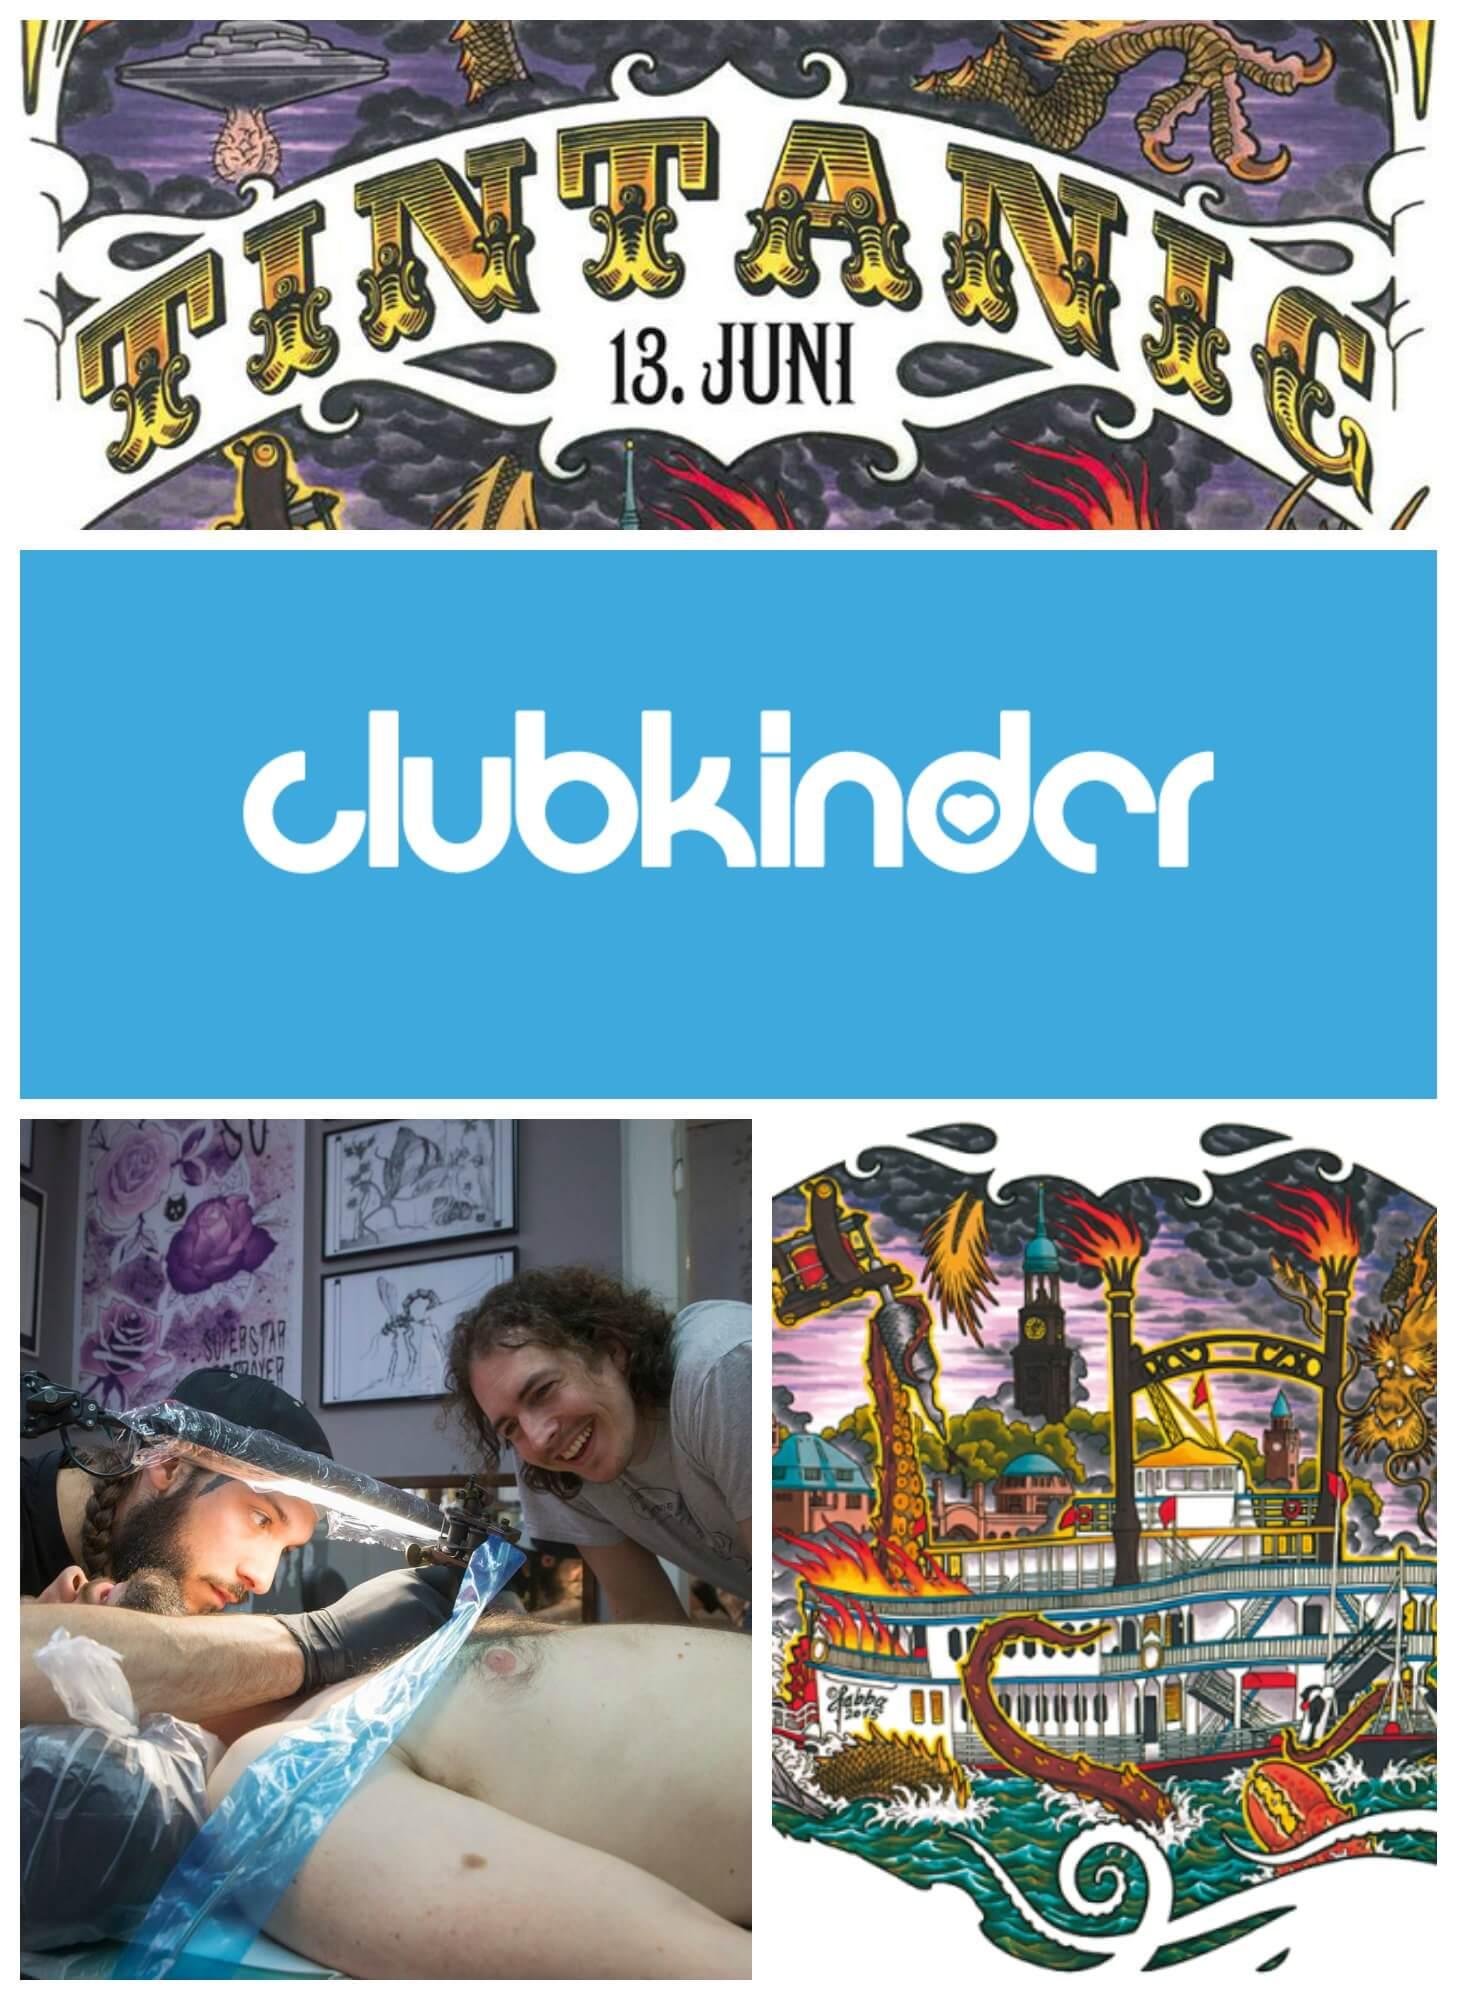 Die clubkinder entern auf der Tintanic den Hamburger Hafen! Hier könnt ihr zusammen mit 4 Tätowierern, 2 Rock-Bands, 2 Burlesque-Shows, 2 Burgerbratern, Craft Beer und DJs gemeinsam feiern und Spenden sammeln! Das wird Rock'n'Roll!